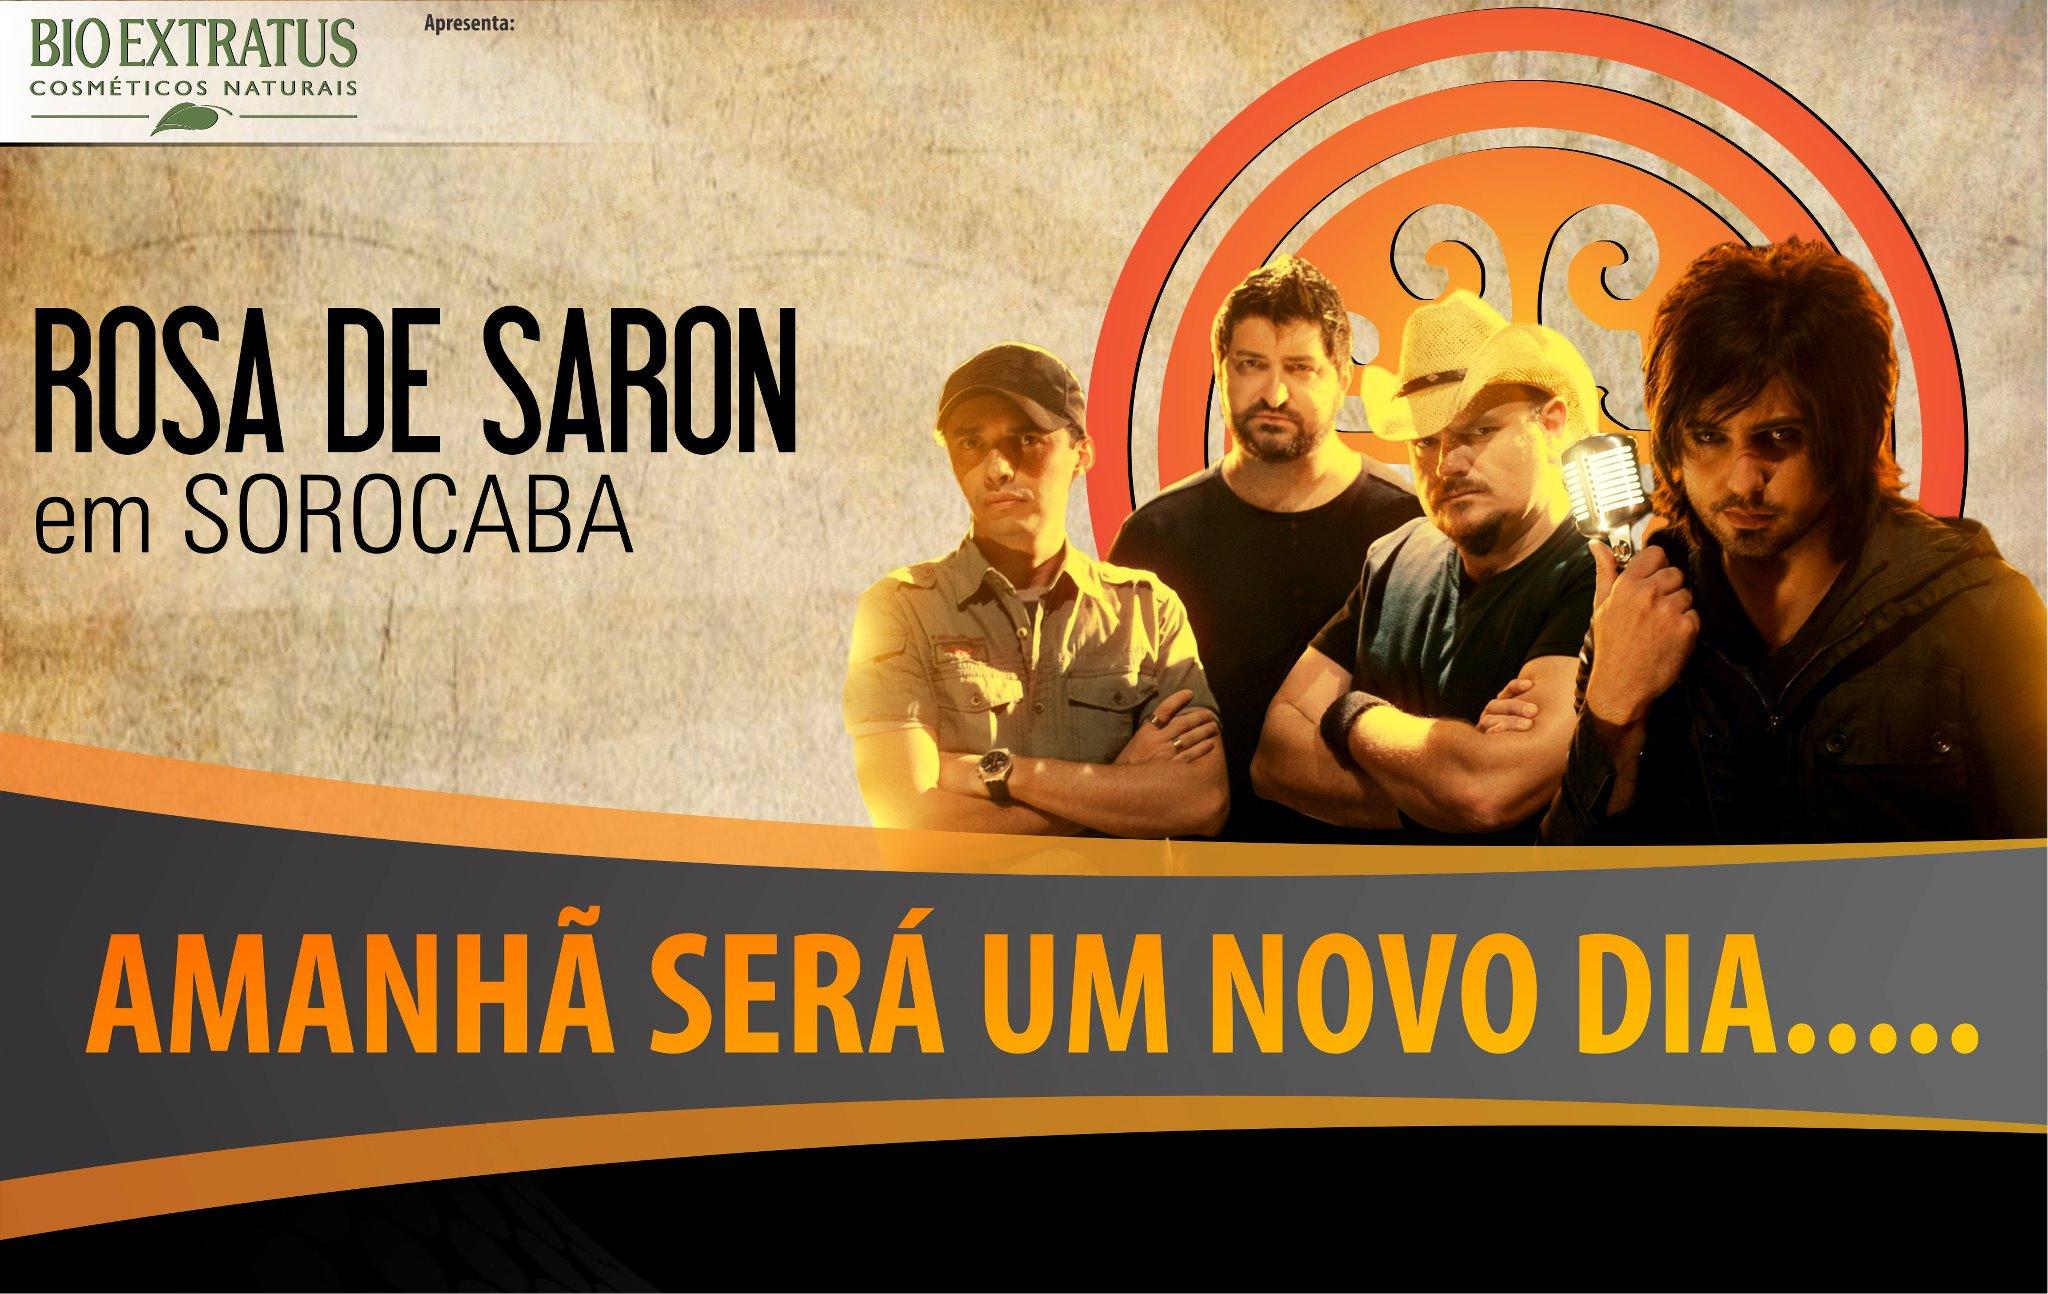 DE VIVO ACUSTICO ROSA BAIXAR SARON CD AO E